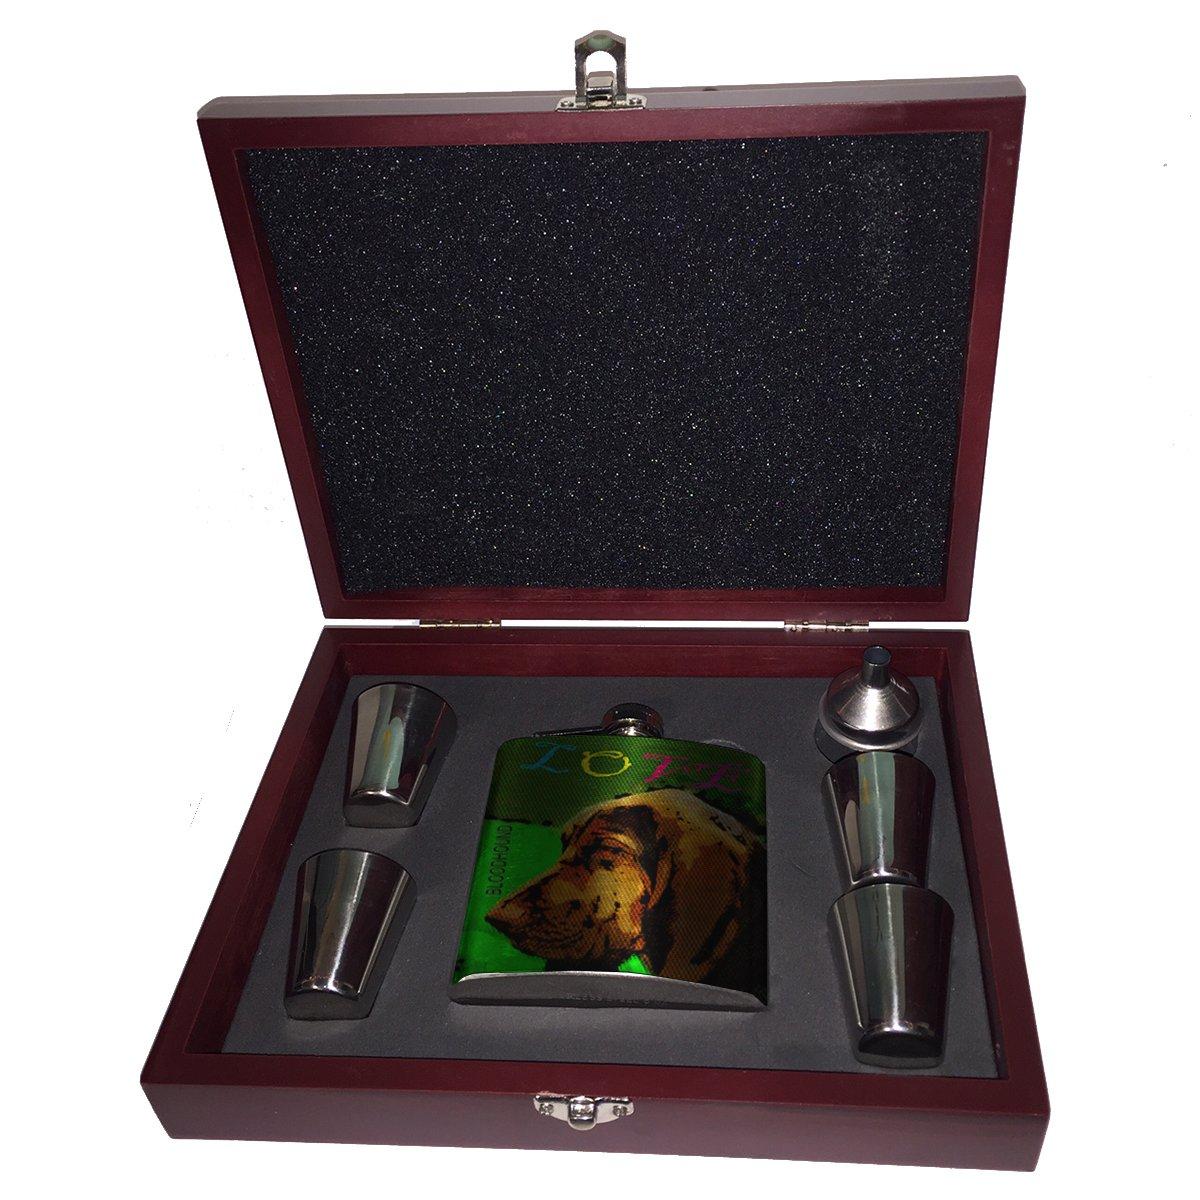 カウくる Love – My Bloodhound My – B01JYSMVXC フラスコ木製ボックスギフトセット B01JYSMVXC, Cedar Field:6597d7a7 --- advertdigitalmantra.com